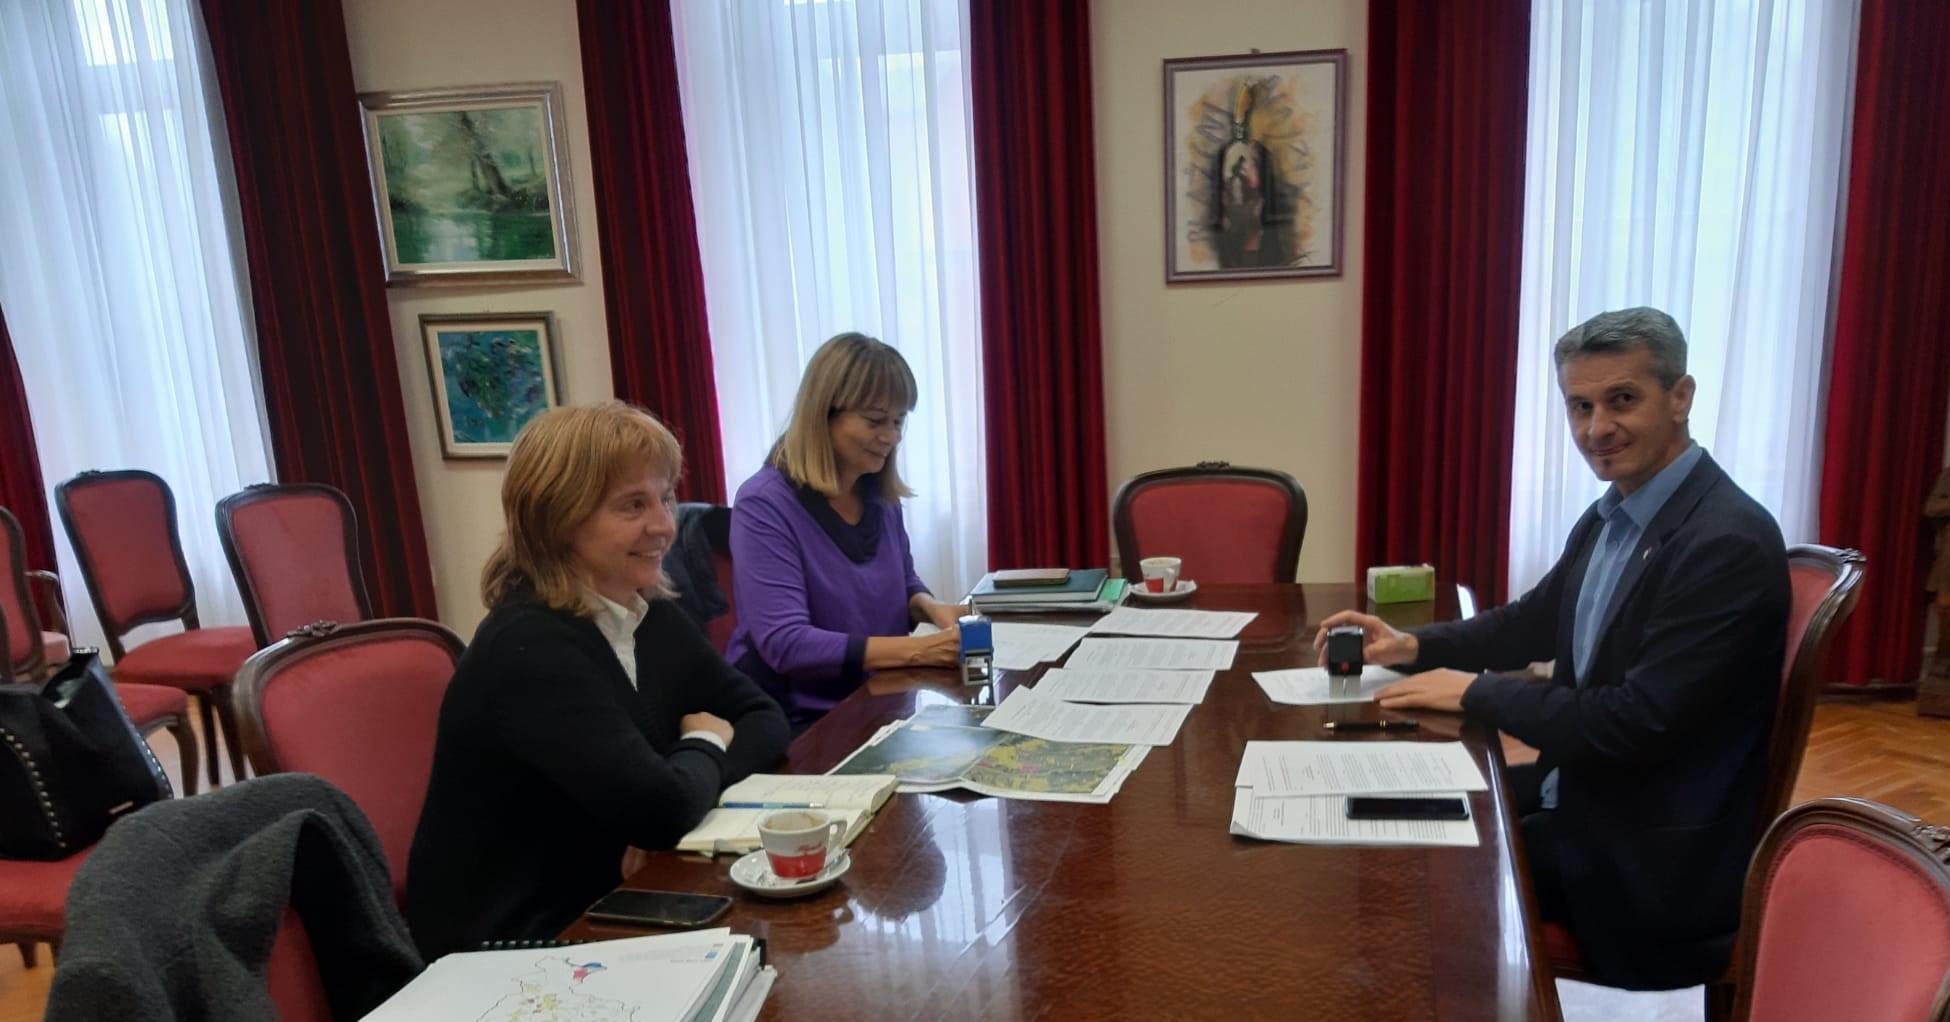 Potpisan Ugovor o izradi VI. Izmjena i dopuna PPUO Krašić - slika 1